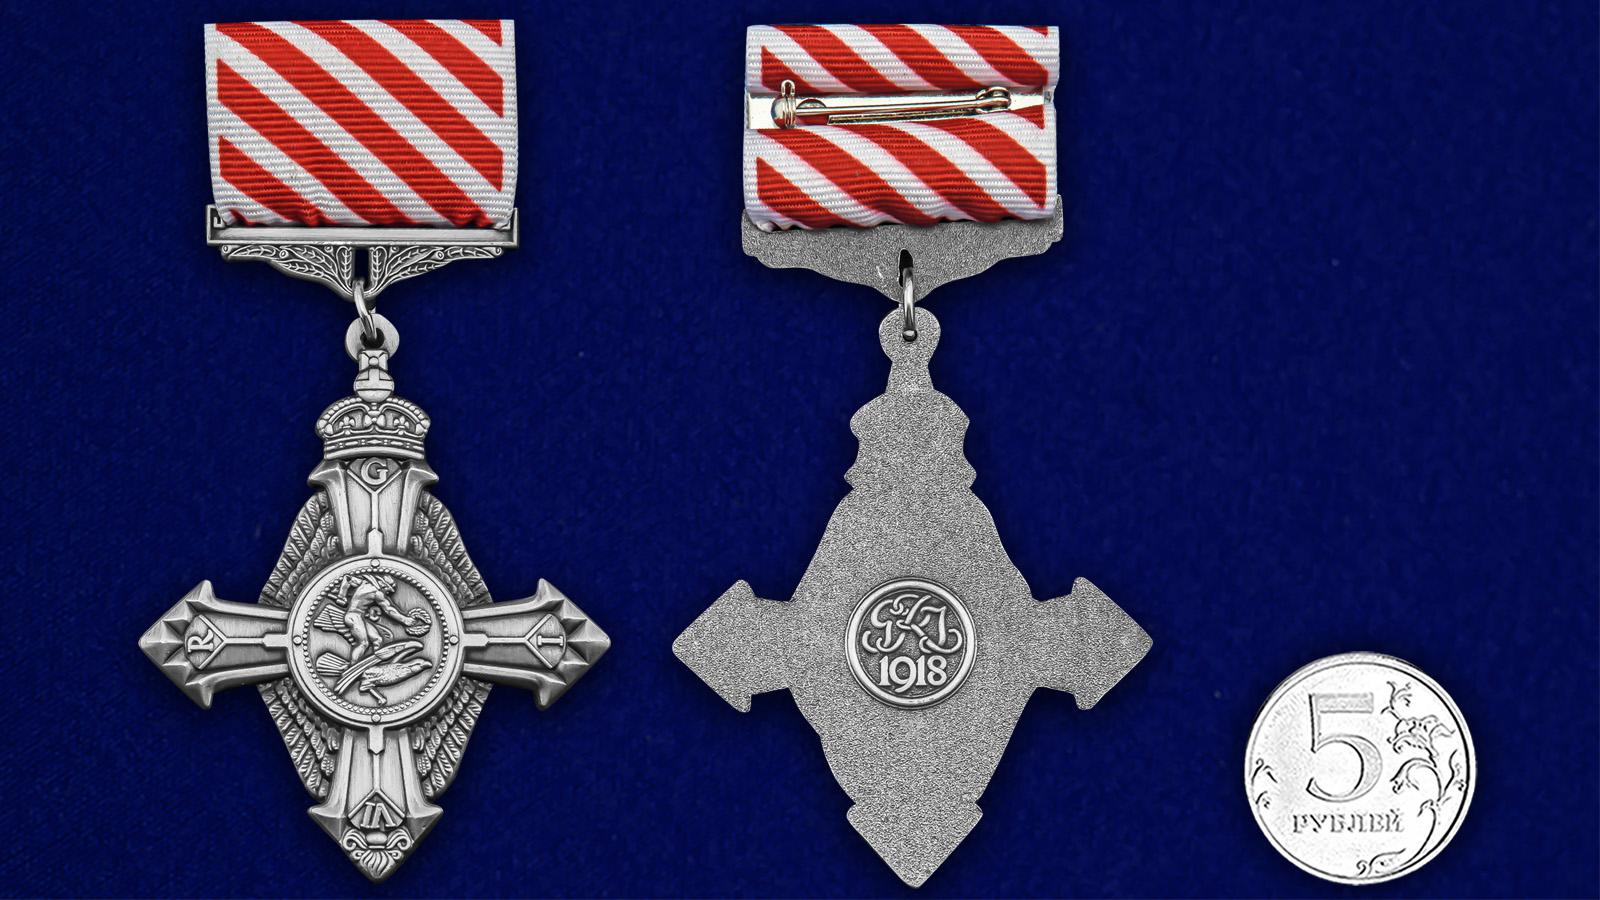 Крест ВВС (Великобритания) - сравнительный размер